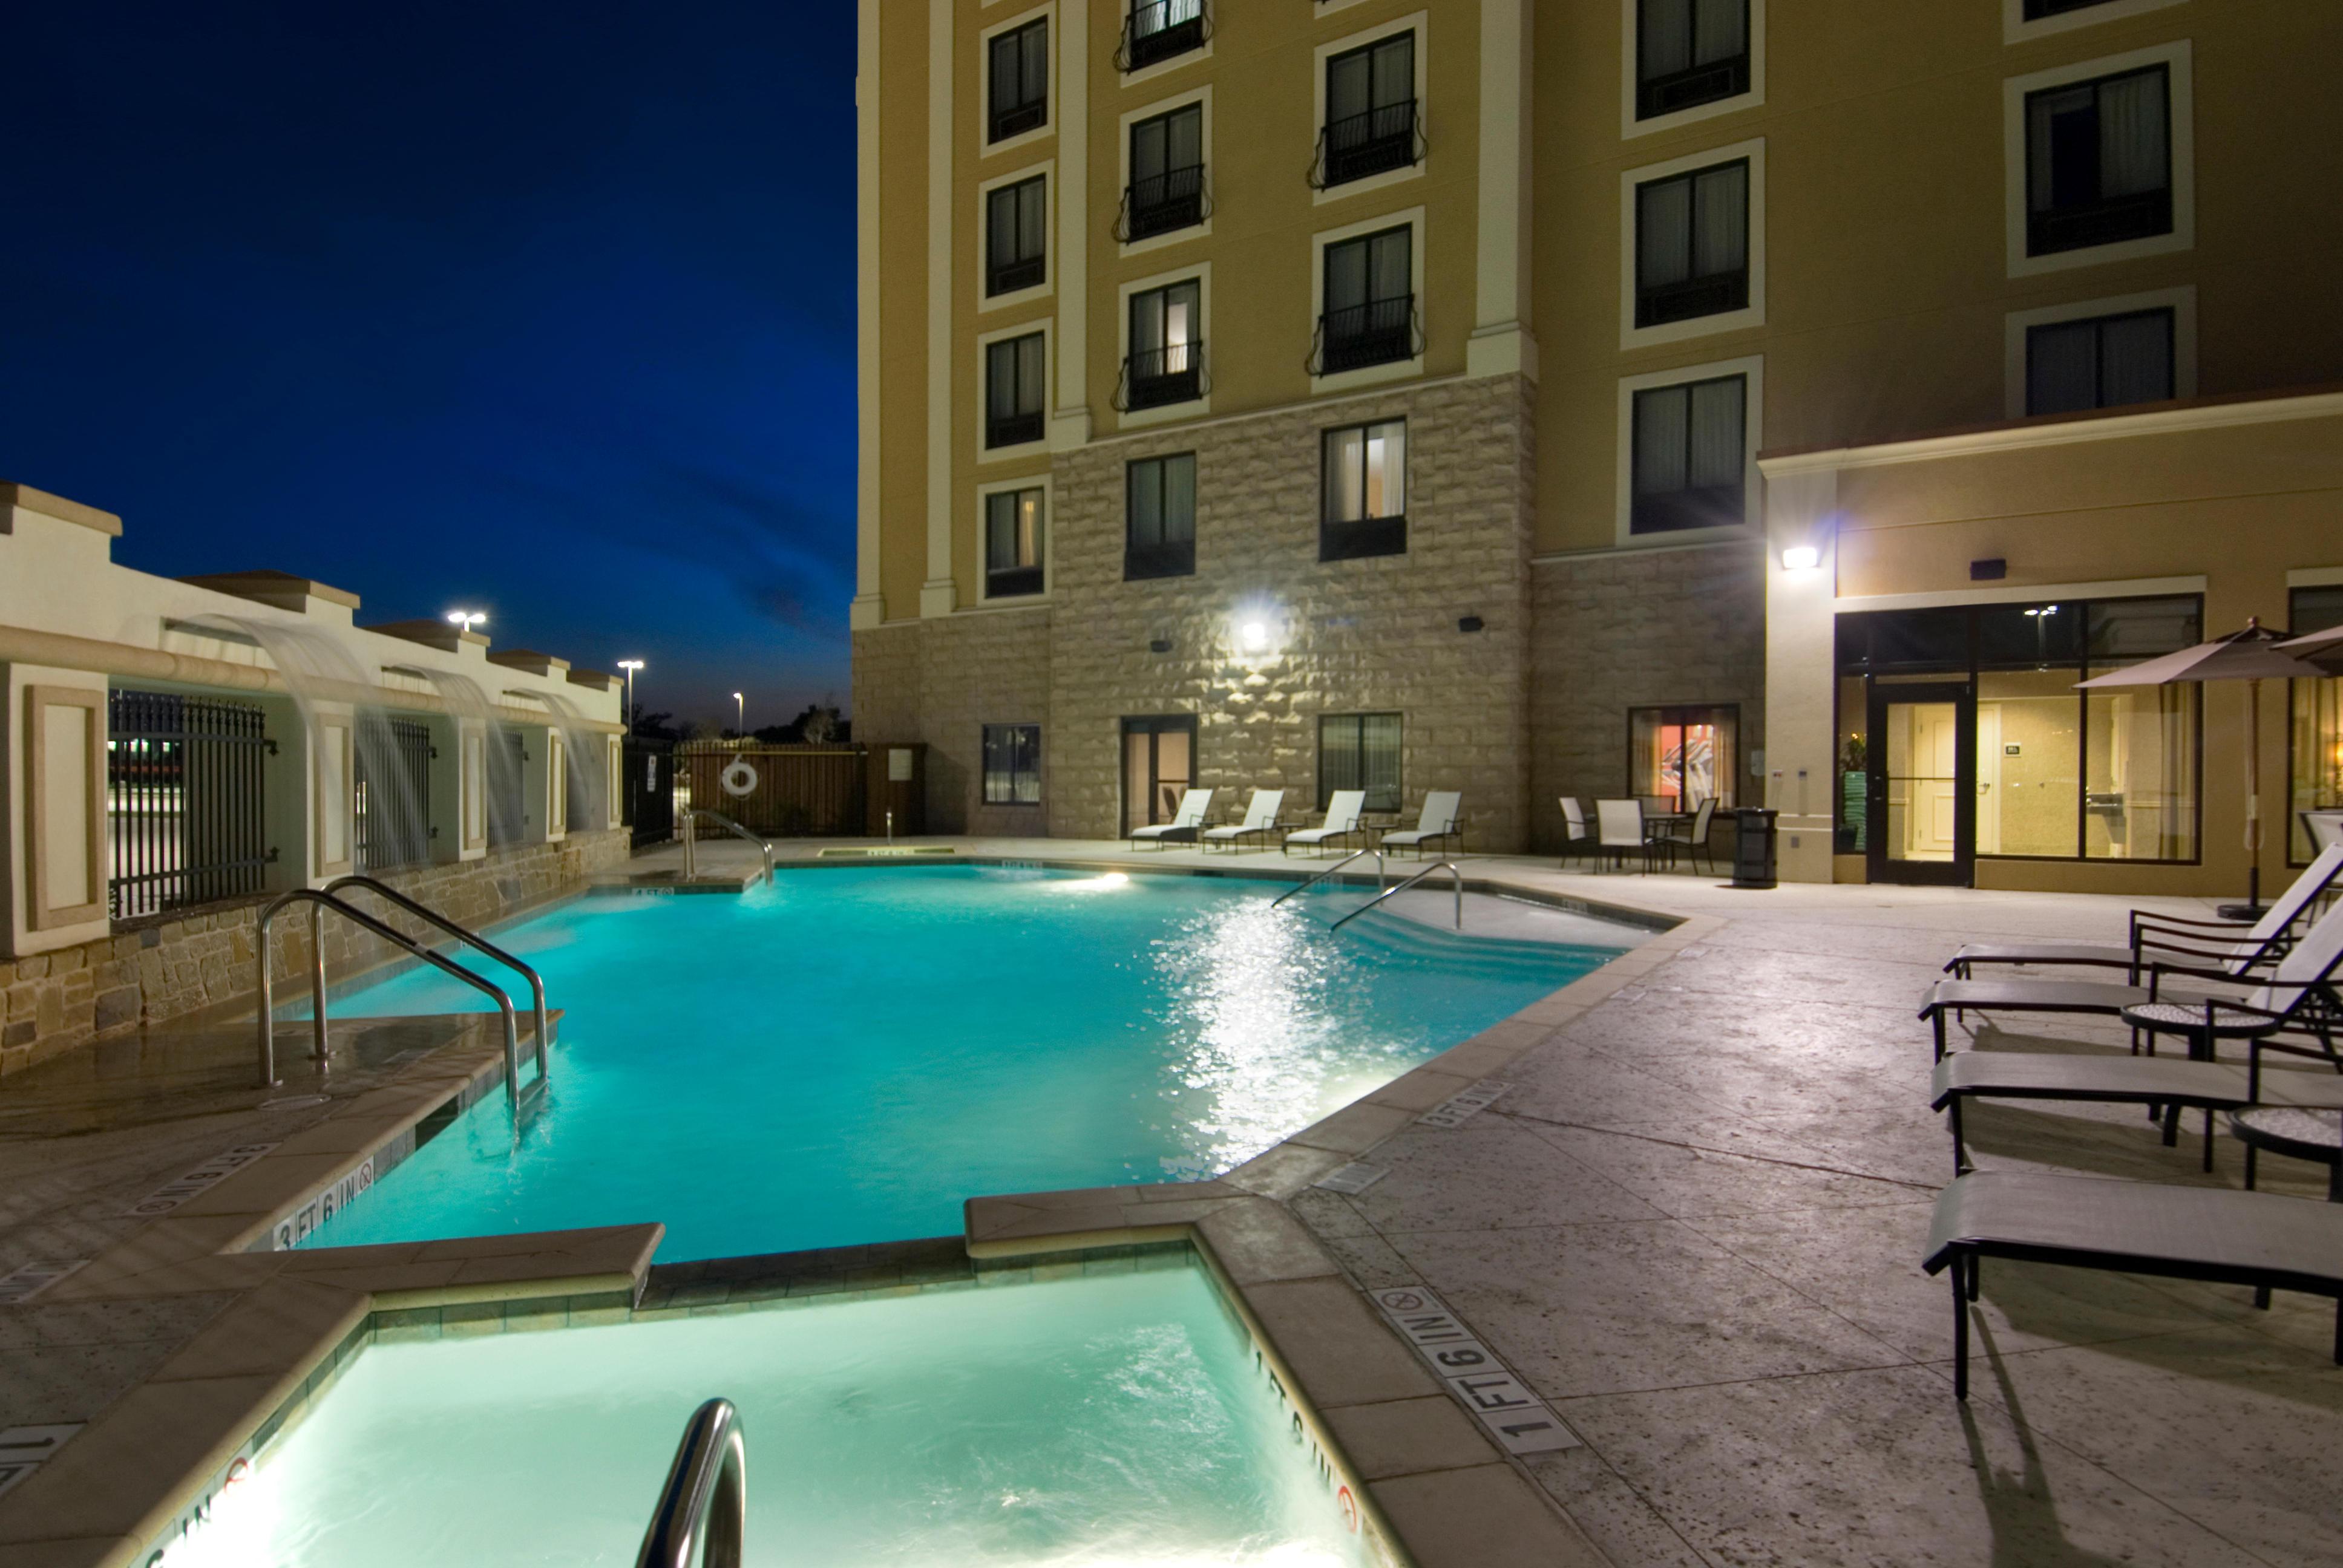 Hilton Garden Inn Dallas Lewisville 785 State Highway 121 Lewisville, TX    MapQuest